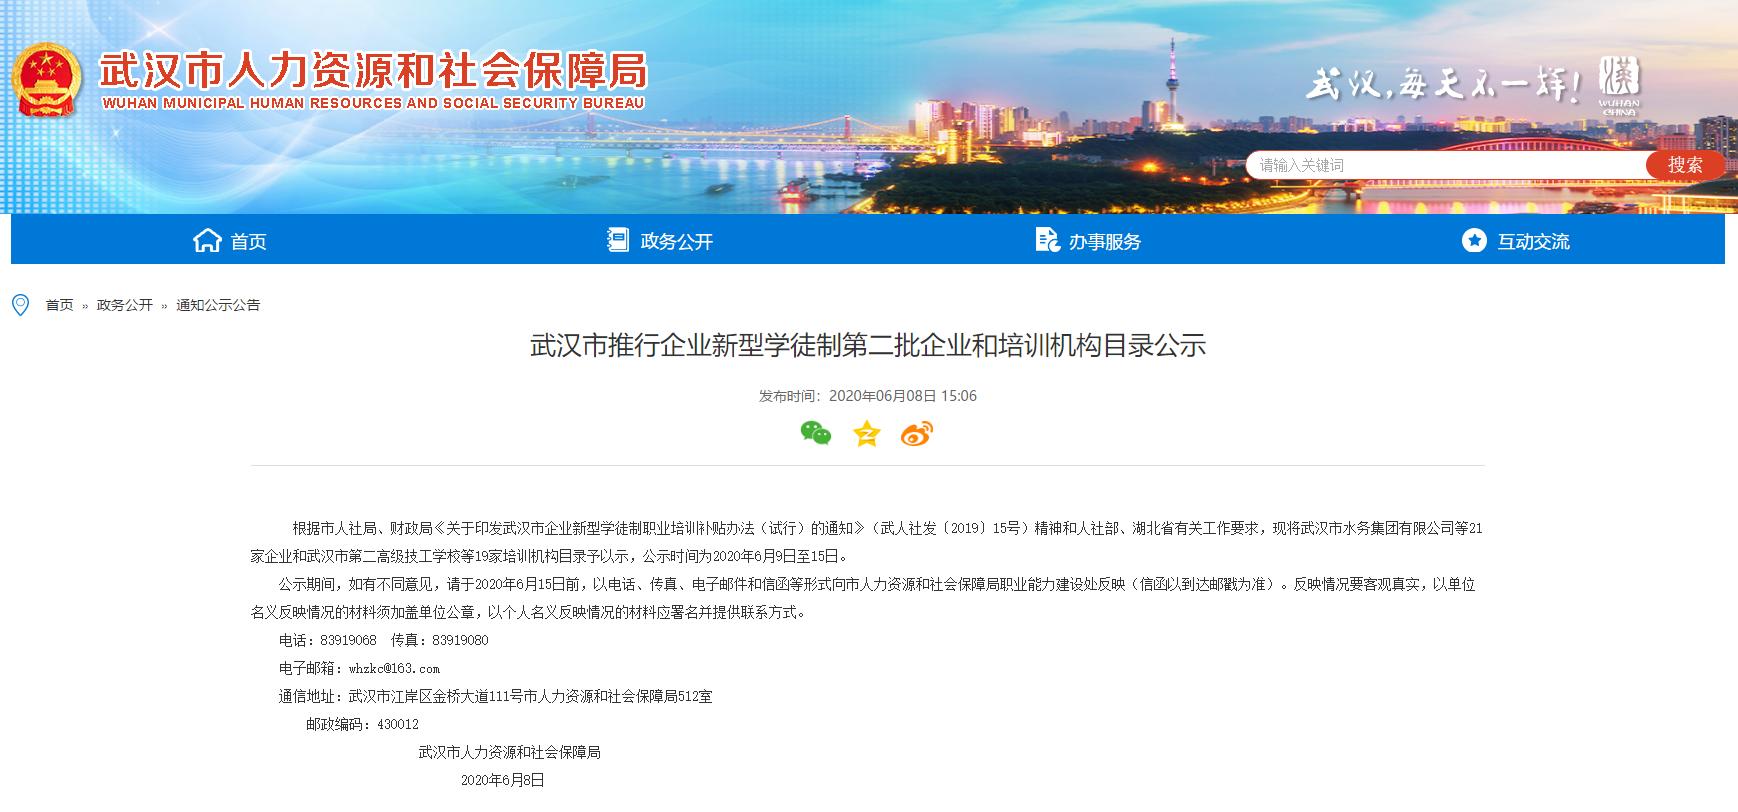 华龙职校入围武汉市推行企业新型学徒制第二批培训机构目录